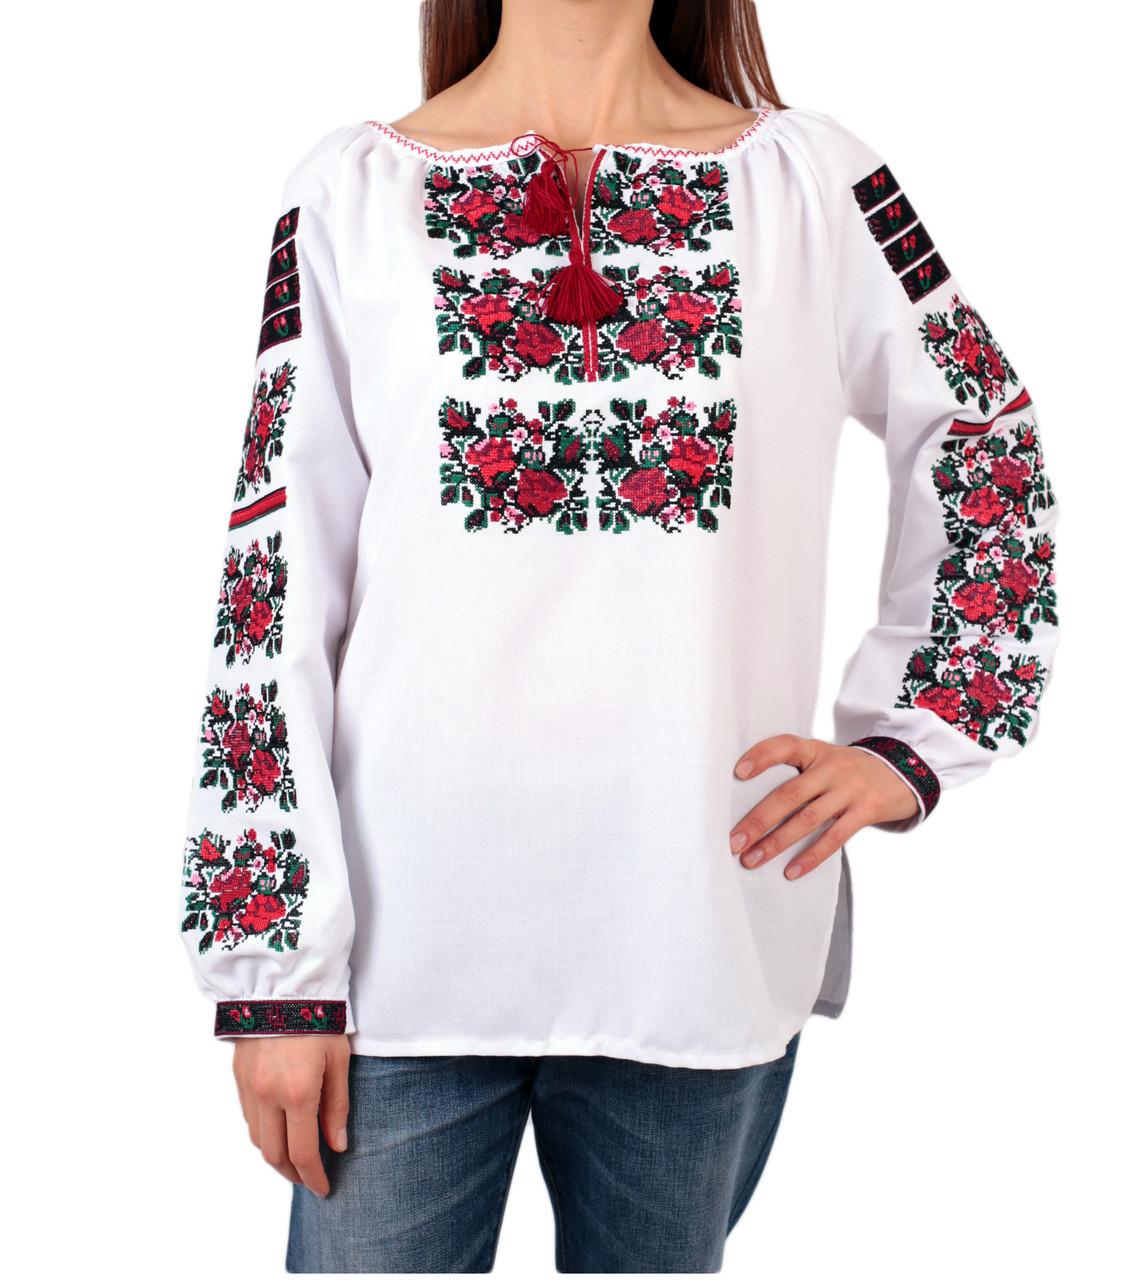 a2ab1b890a32b0 Жіноча вишиванка з машинною вишивкою недорого - Інтернет-магазин вишиванок  для всієї сім'ї